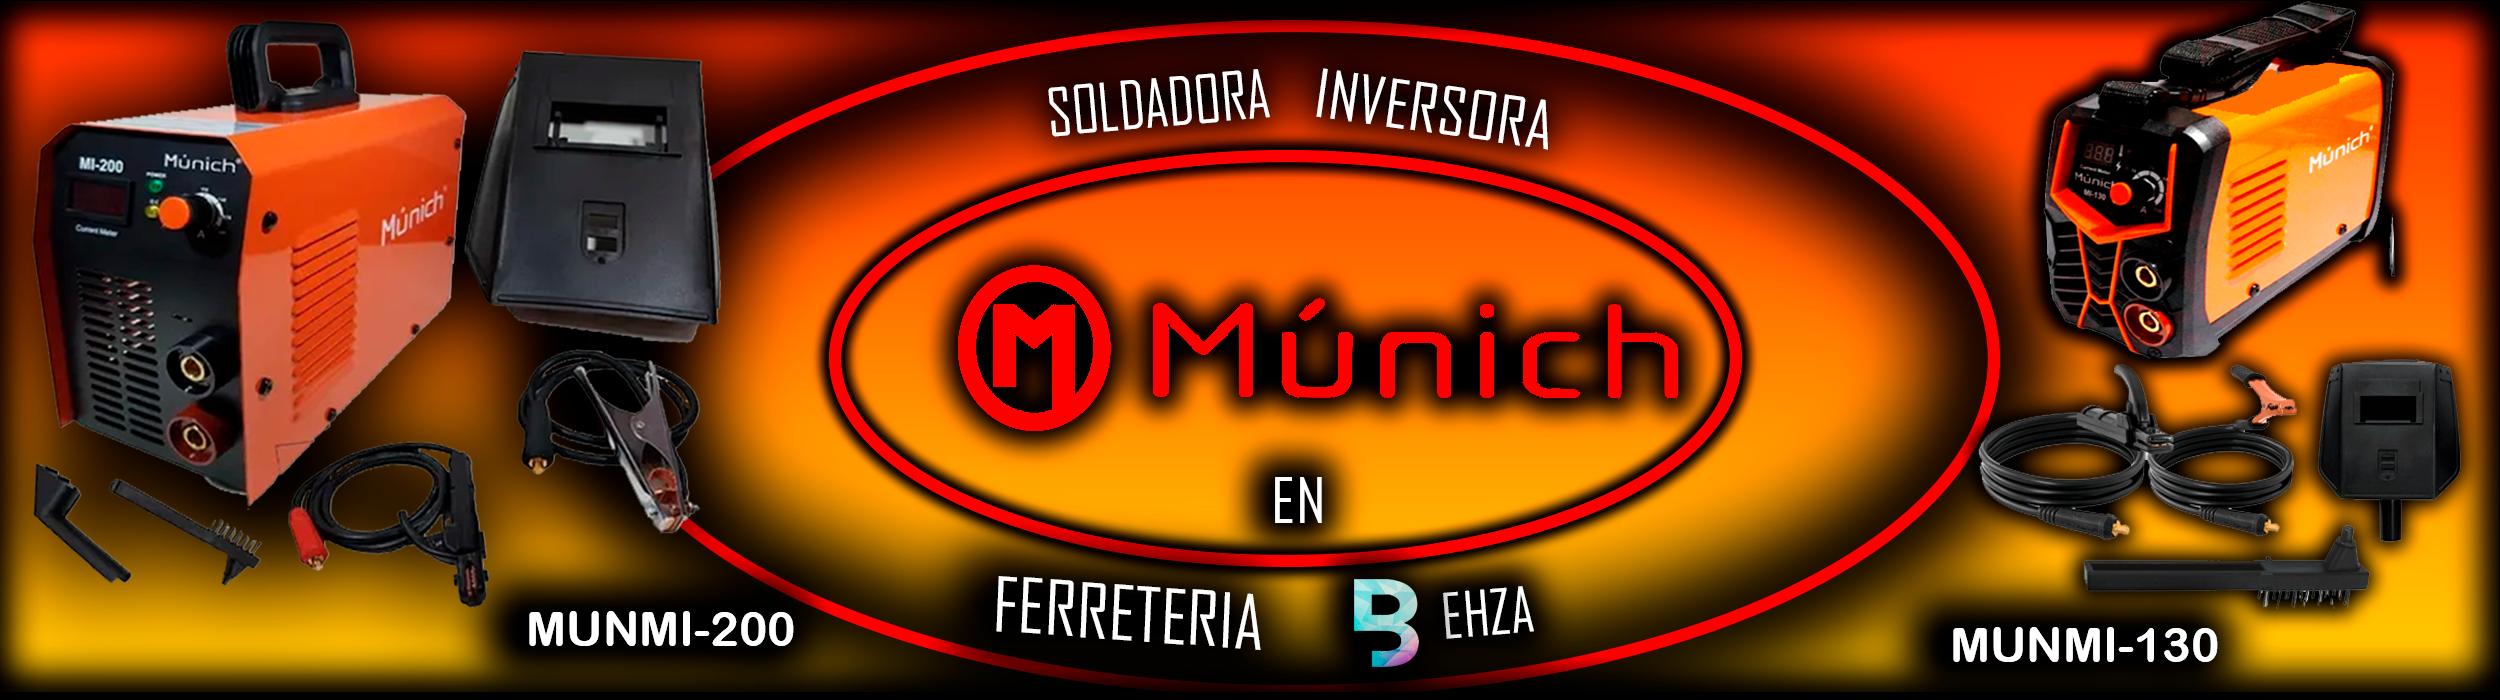 munich200